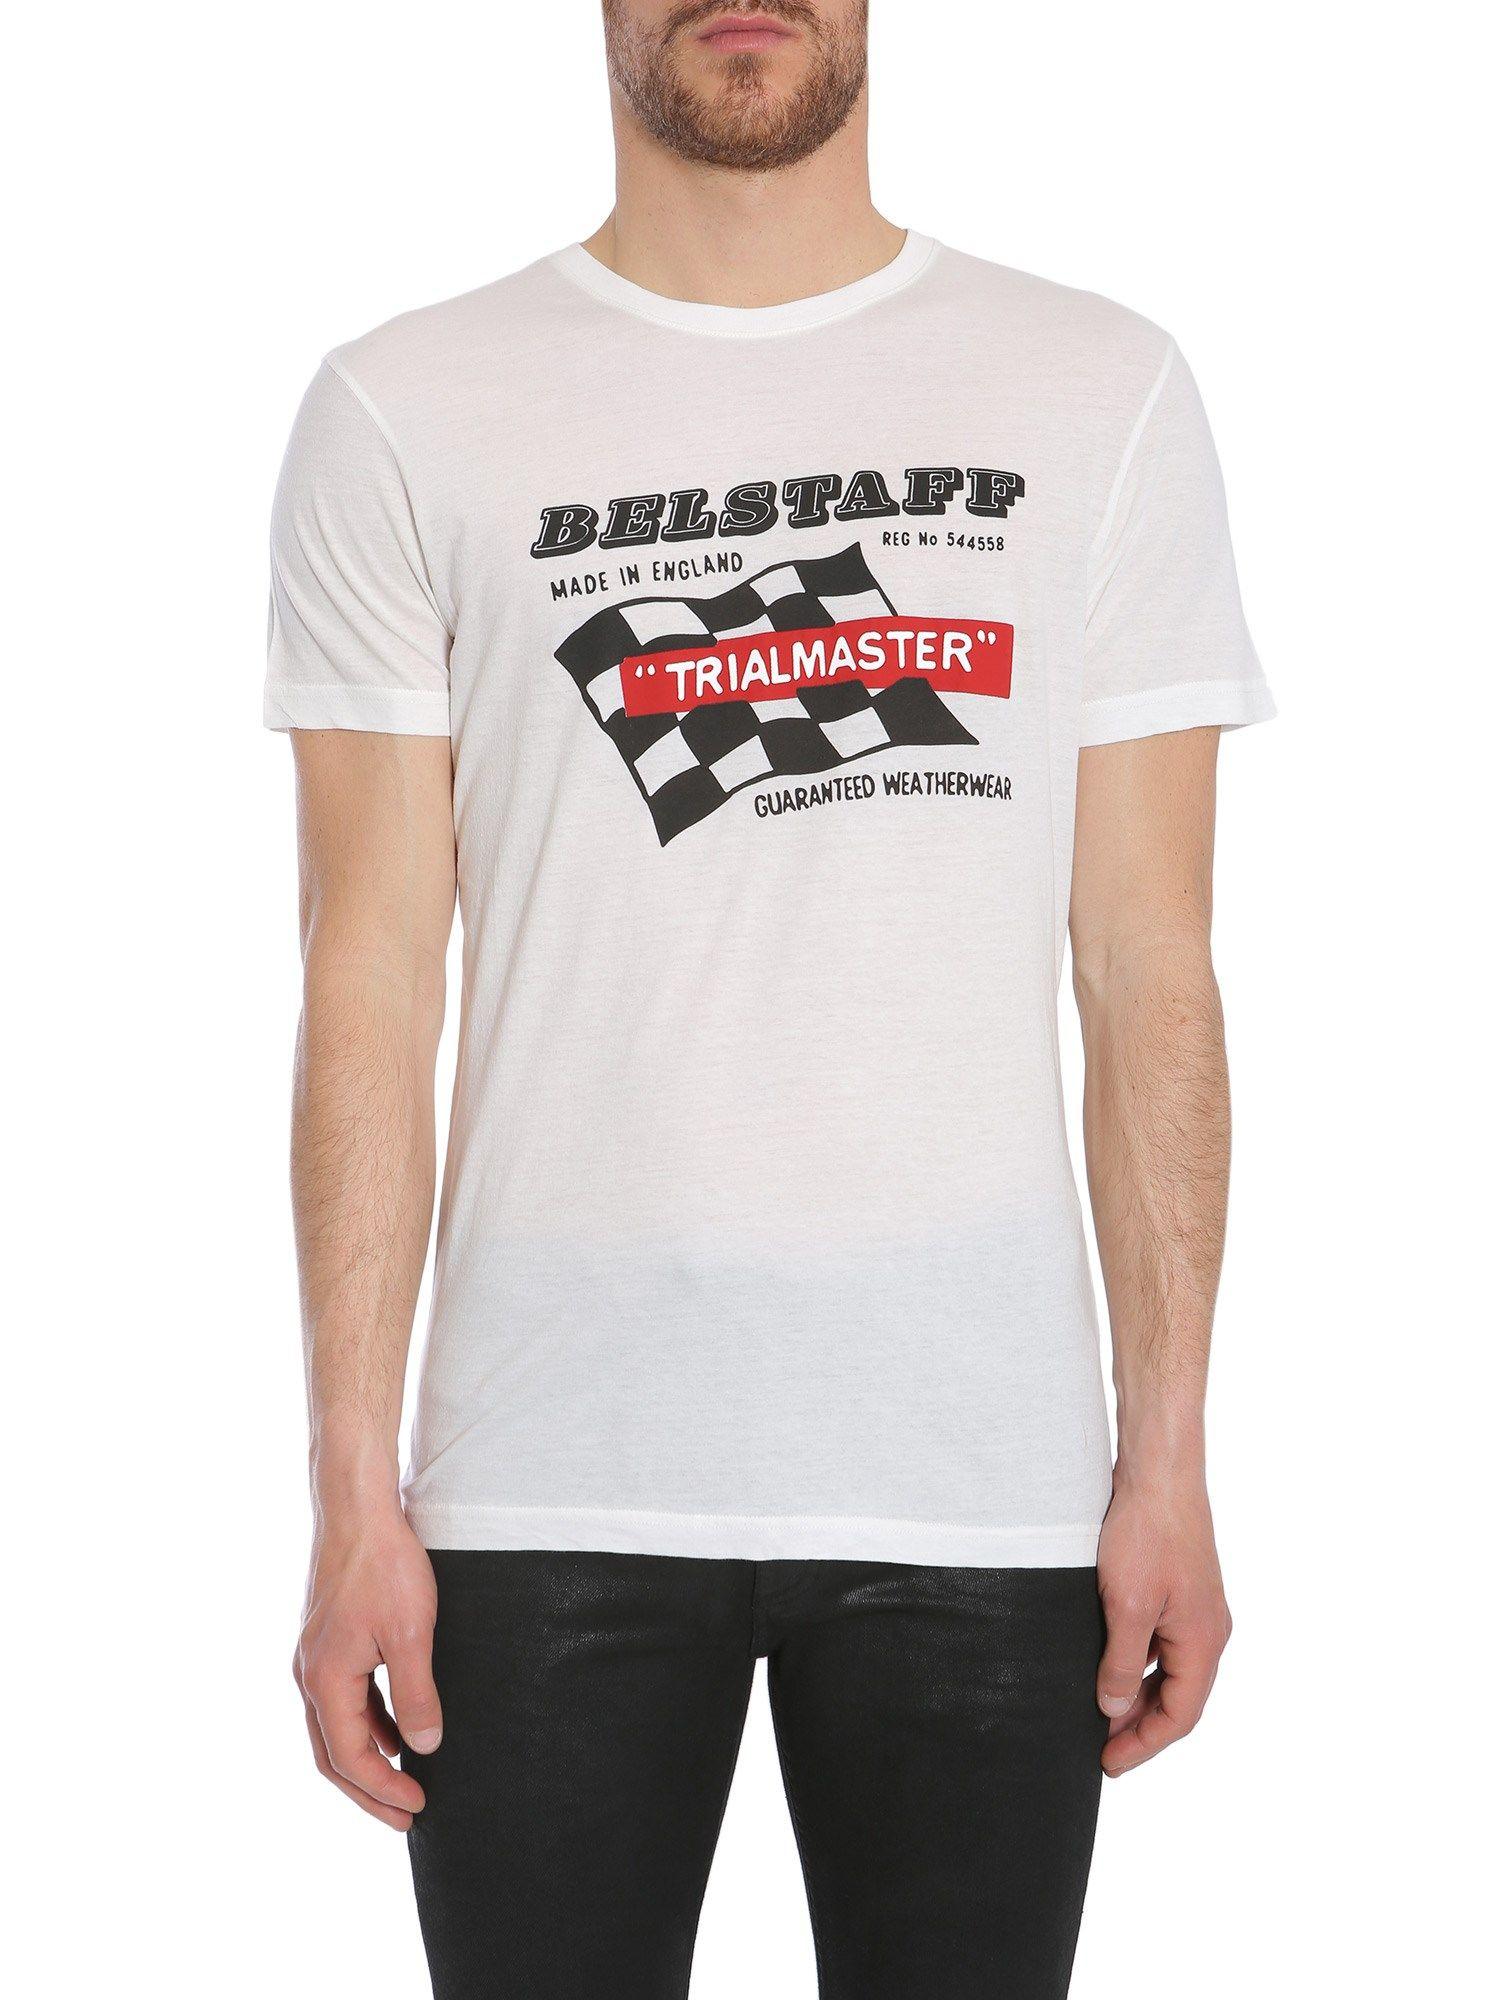 Calverley T-shirt